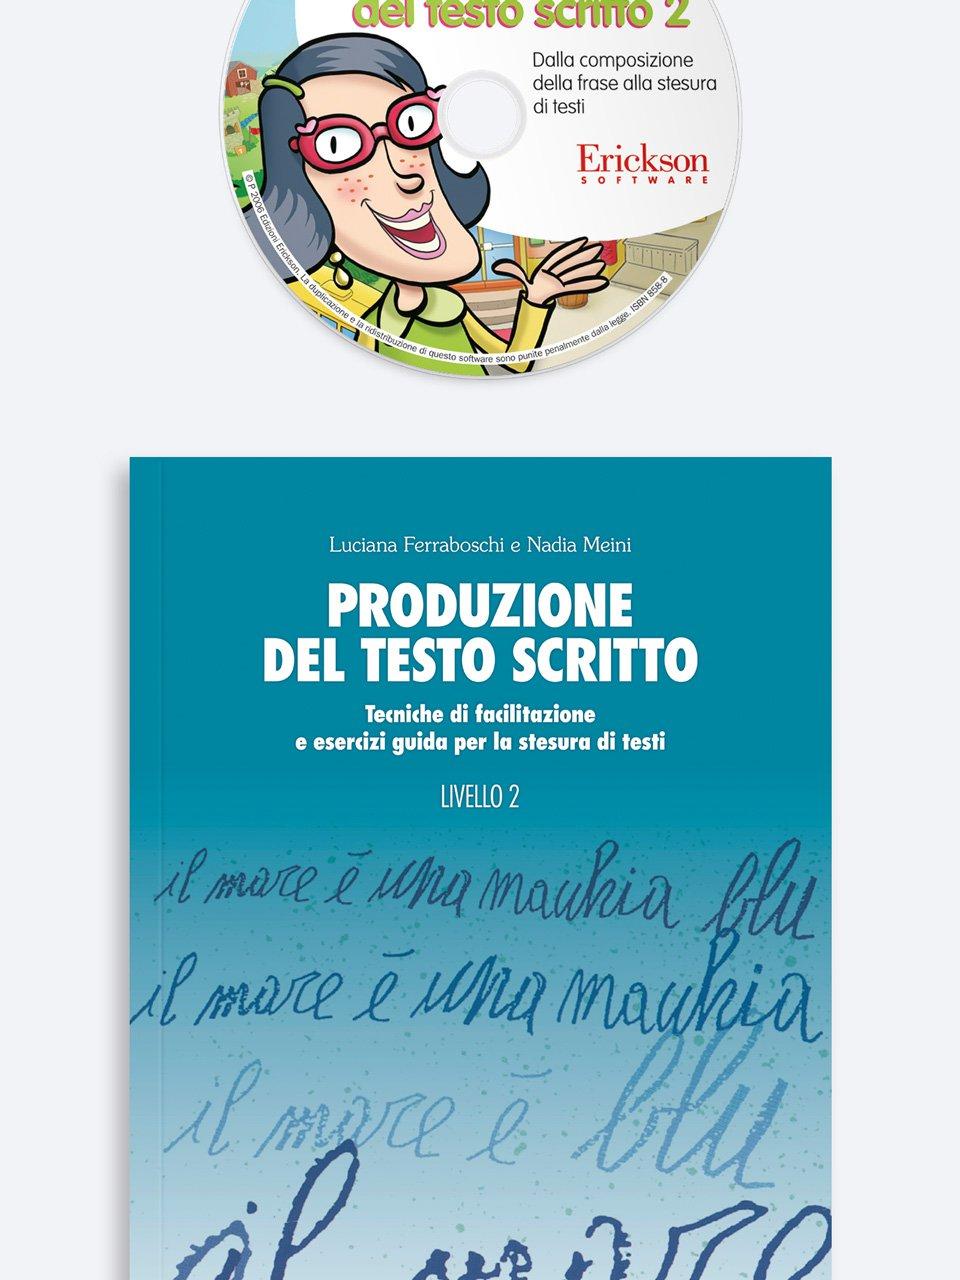 Produzione del testo scritto - Livello 2 - Luciana Ferraboschi - Erickson 3